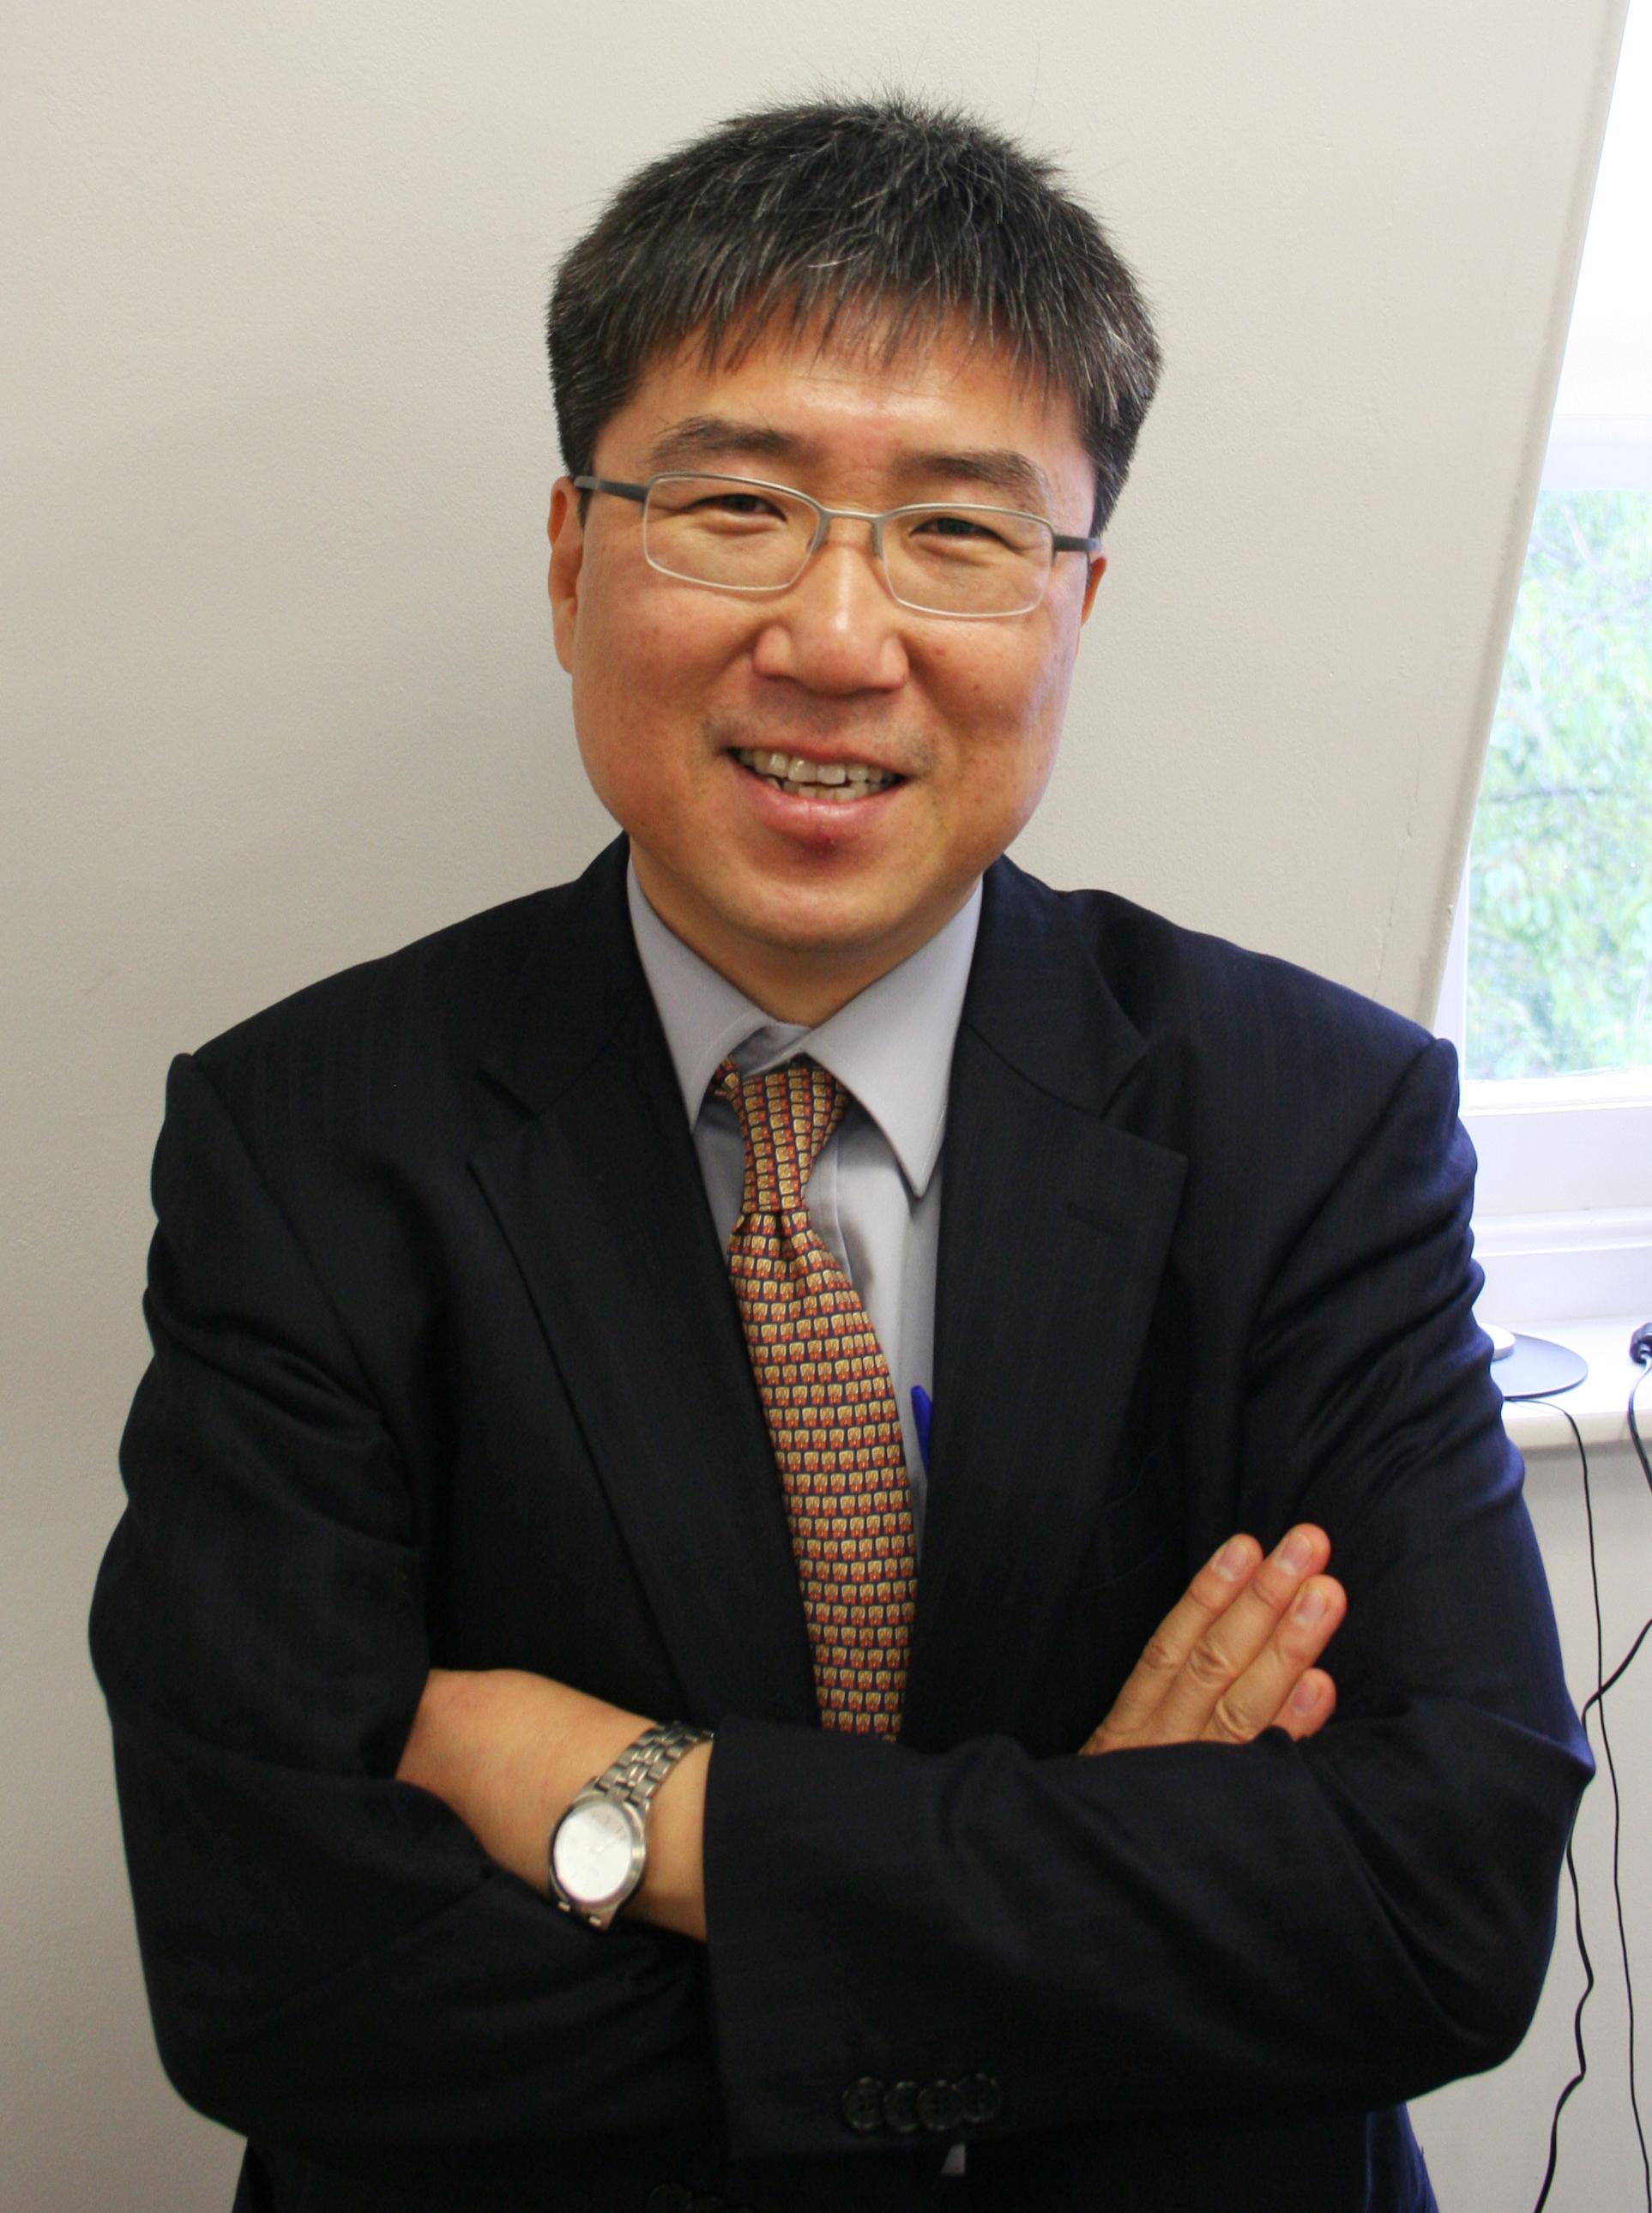 Ha Joon Chang